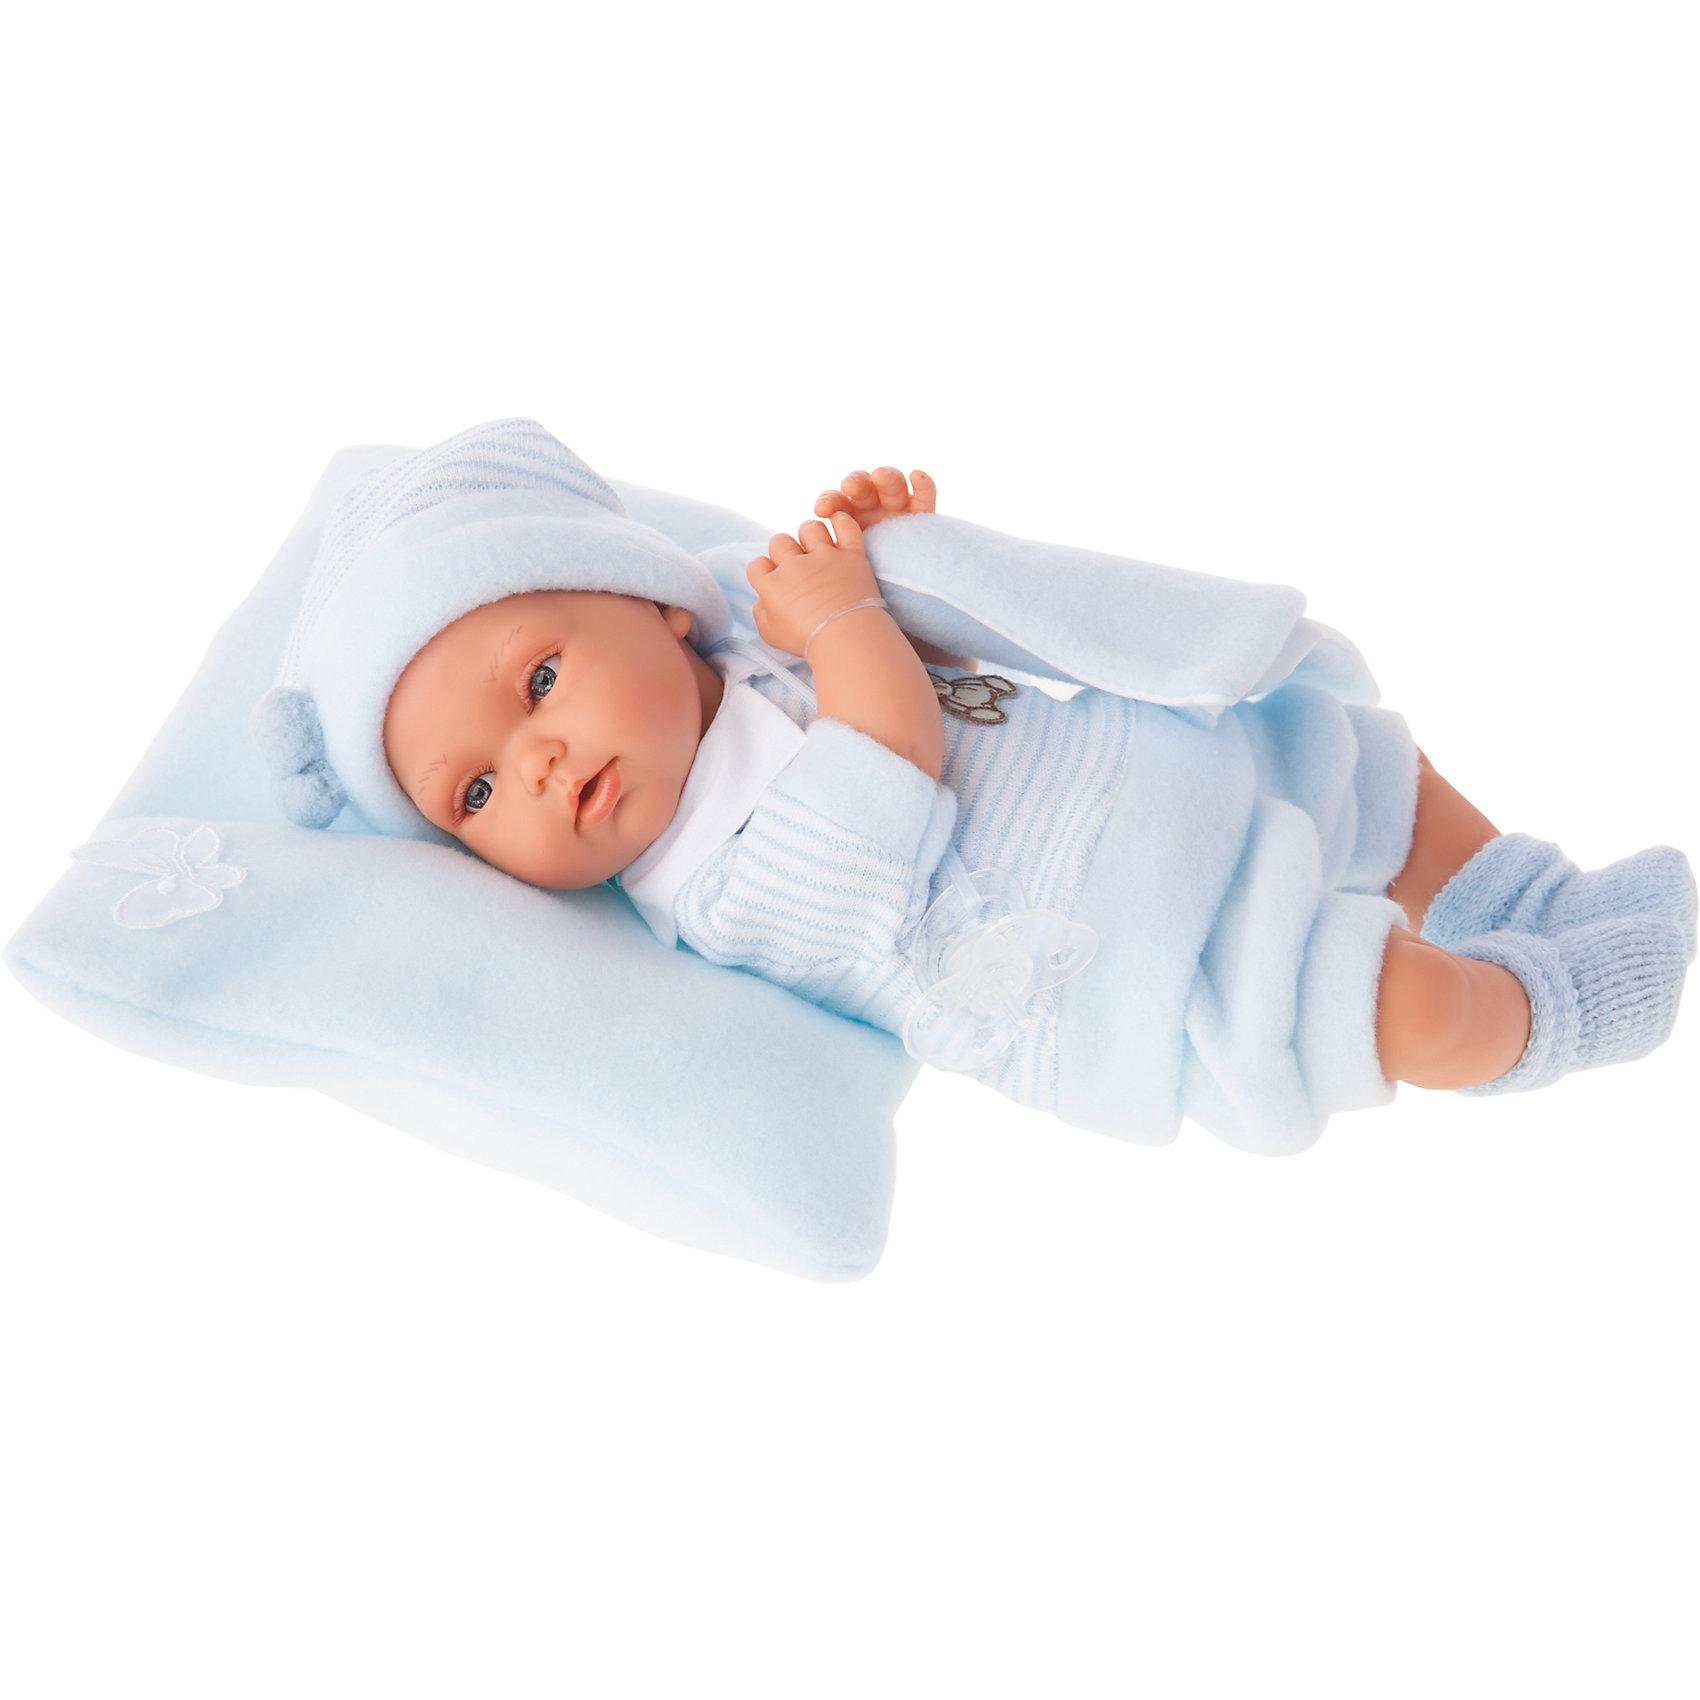 Кукла Марти в голубом, озвученная, 29 см, Munecas Antonio JuanКлассические куклы<br>Характеристики товара:<br><br>• возраст: от 3 лет;<br>• материал: винил, текстиль;<br>• в комплекте: кукла, костюм, шапочка;<br>• высота куклы: 29 см;<br>• размер упаковки: 34х20х13 см;<br>• вес упаковки: 705 гр.;<br>• страна производитель: Испания.<br><br>Кукла Марти в голубом Munecas Antonio Juan — очаровательный малыш с пухлыми щечками и выразительными глазками. Кукла одета в вязаный голубой костюмчик и шапочку. У куклы подвижные ручки и ножки. При нажатии на кнопку на животике куколка смеется и произносит «папа» и «мама».<br><br>Игра с куклой привьет девочке чувство заботы, помощи, ответственности и любви. Кукла выполнена из качественных безопасных материалов.<br><br>Куклу Марти в голубом Munecas Antonio Juan можно приобрести в нашем интернет-магазине.<br><br>Ширина мм: 350<br>Глубина мм: 200<br>Высота мм: 125<br>Вес г: 780<br>Возраст от месяцев: 36<br>Возраст до месяцев: 2147483647<br>Пол: Женский<br>Возраст: Детский<br>SKU: 5367050